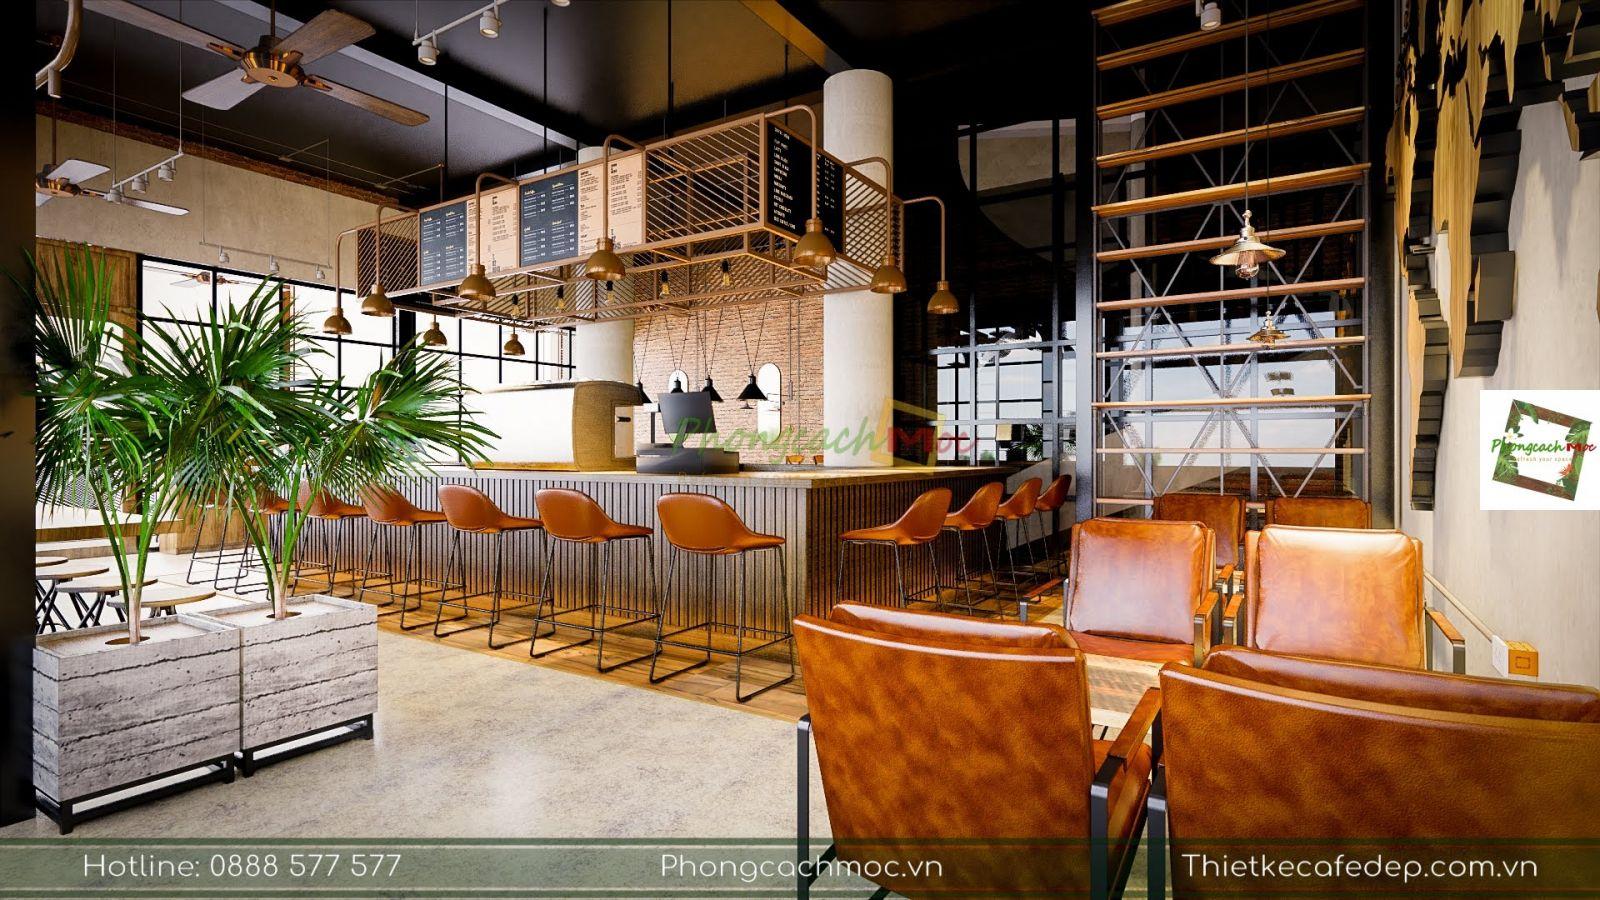 khu vực quầy bar quán cà phê 2 mặt tiền